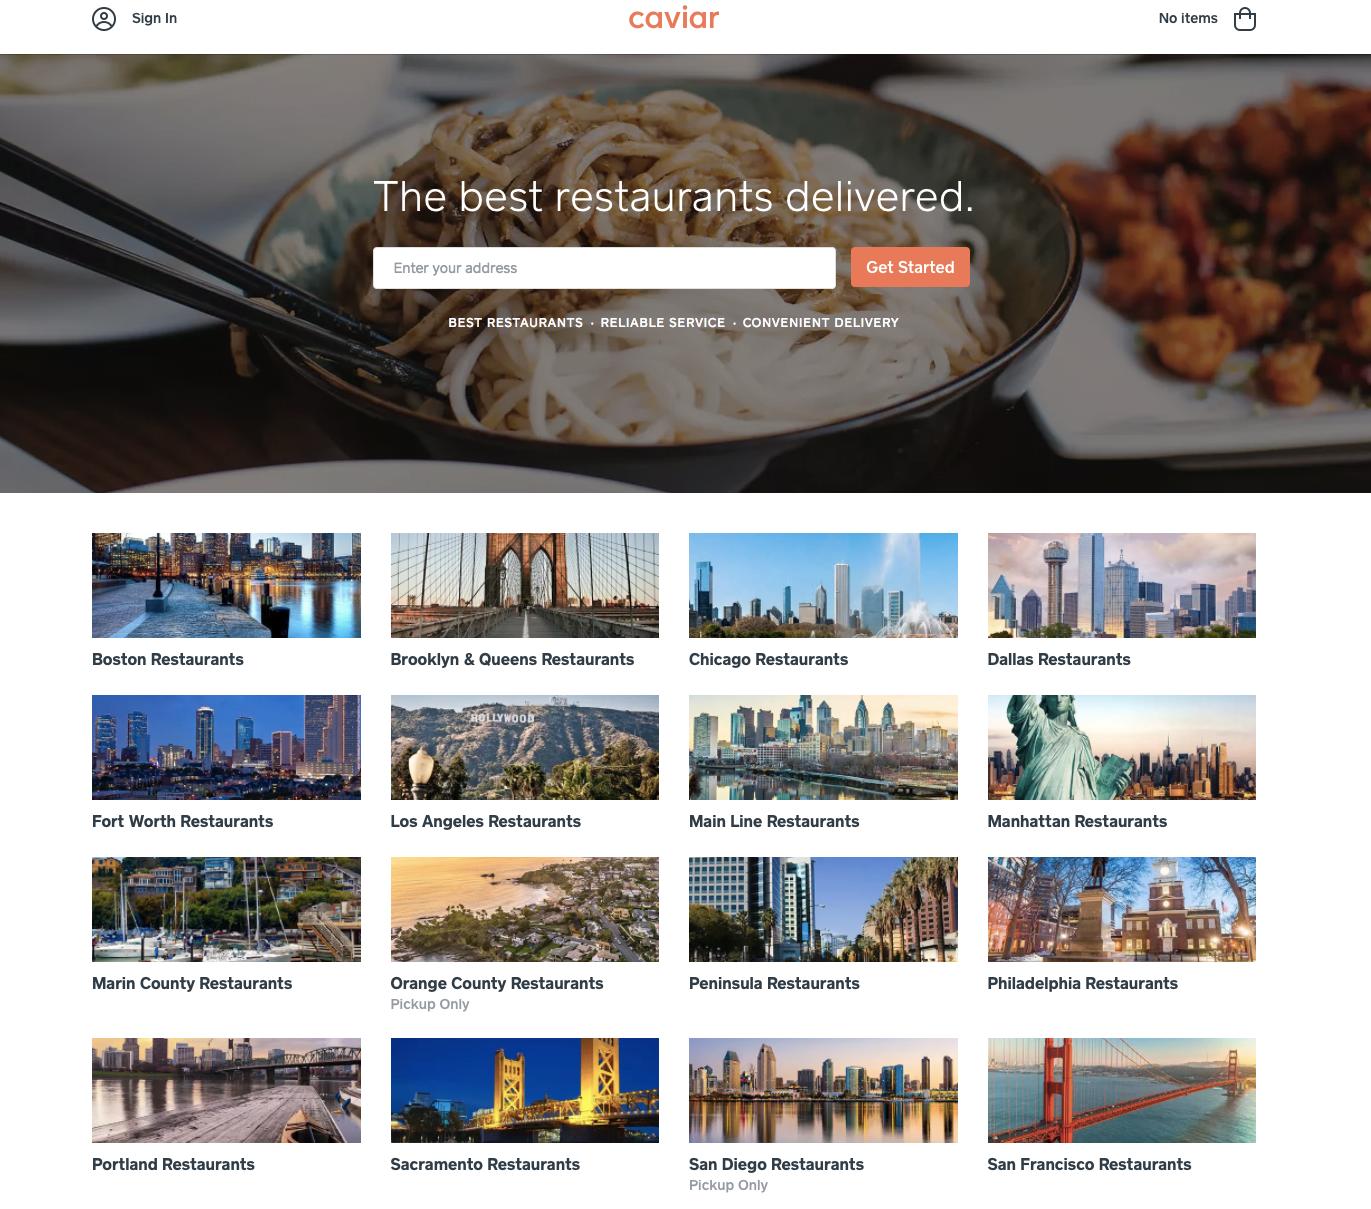 caviar-homepage